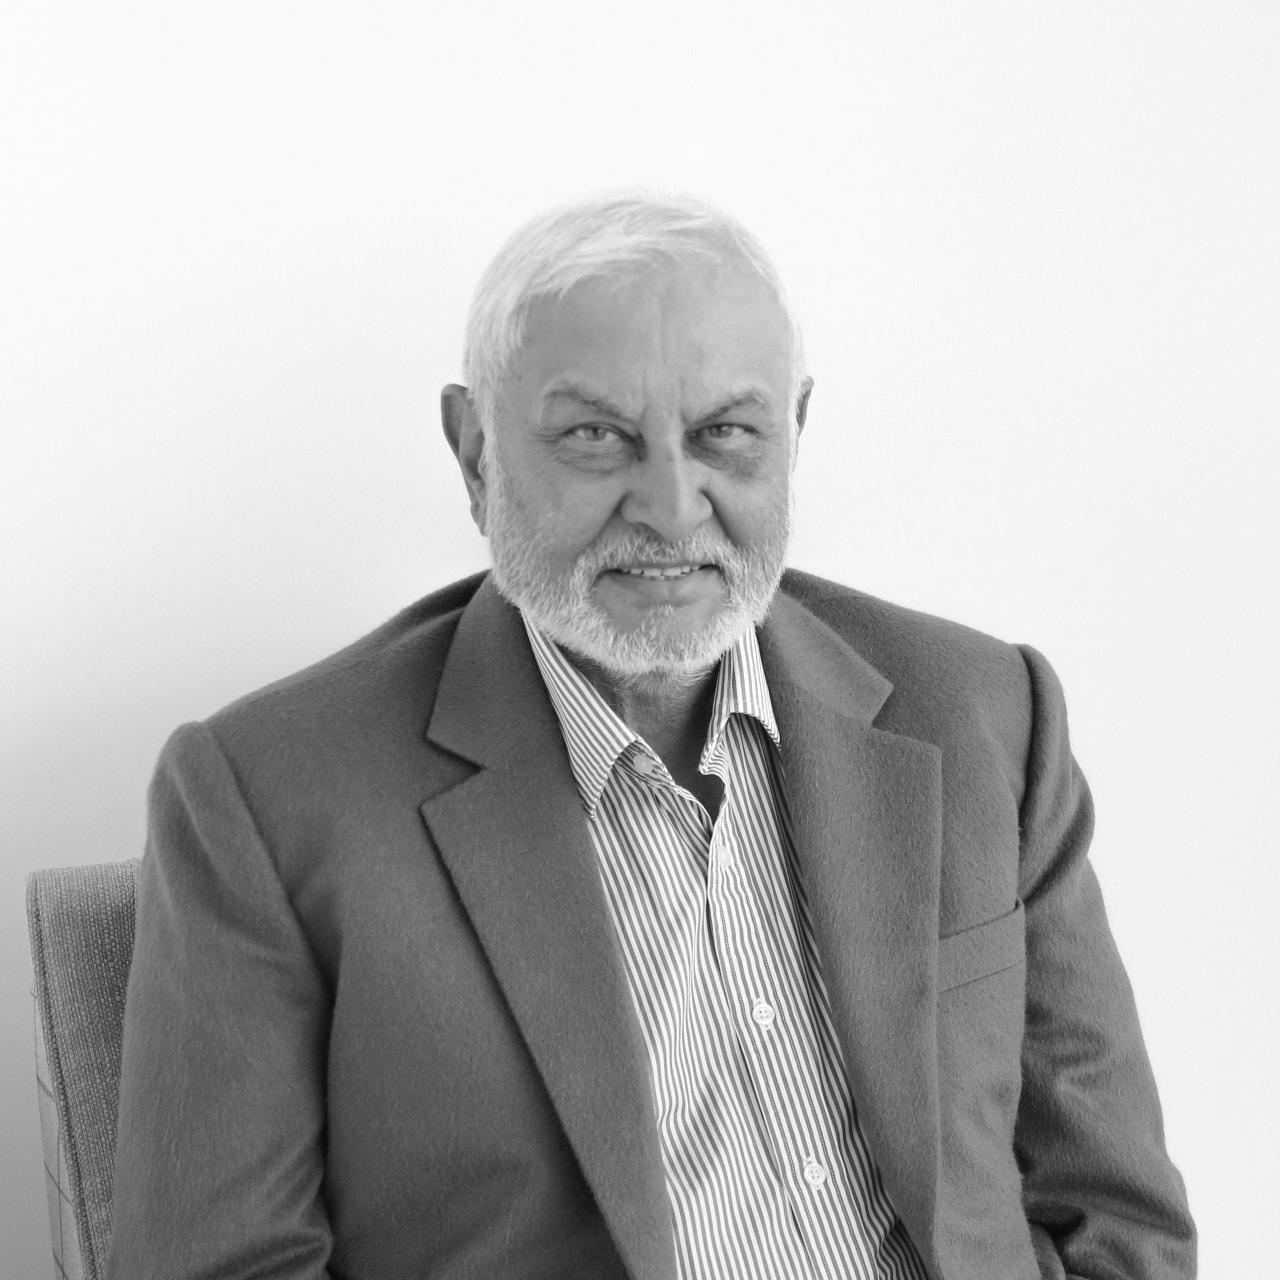 Pushyant Patel